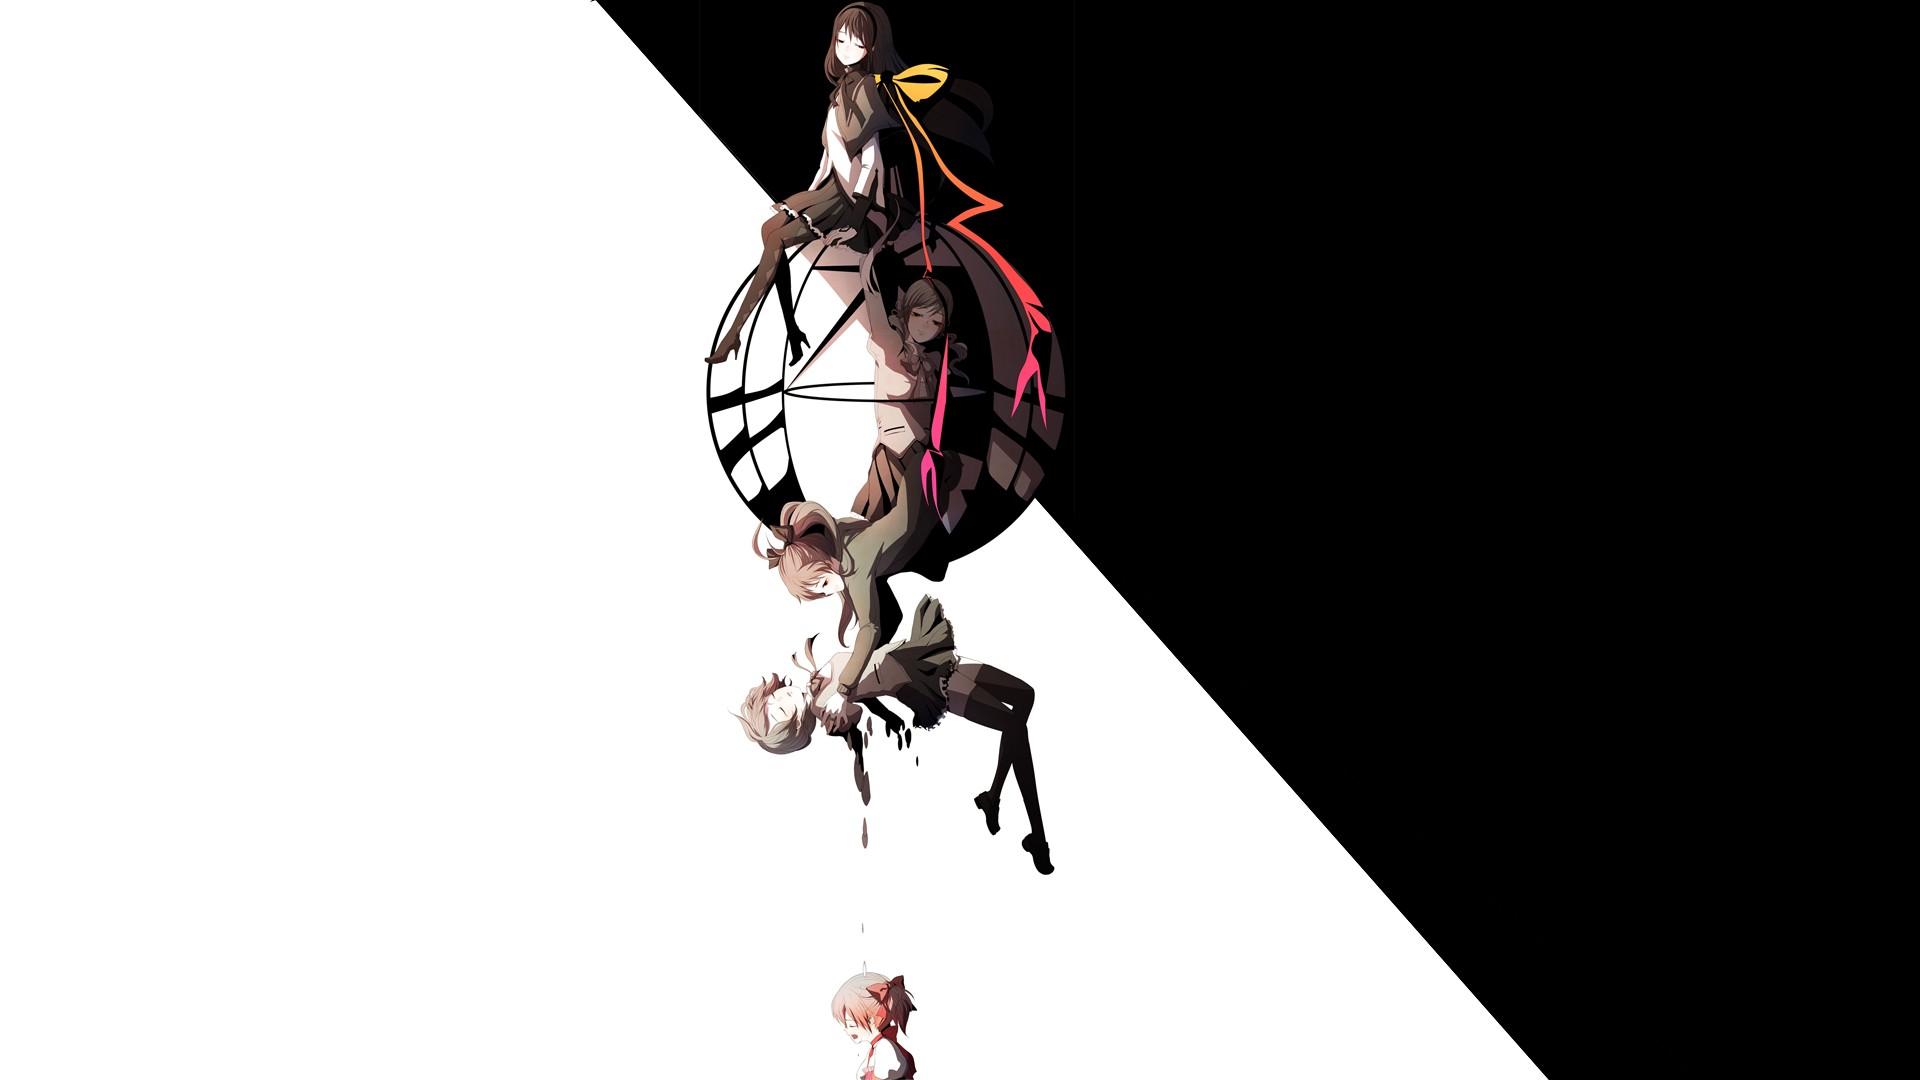 Madoka-Magica-Akemi-Homura-Mami-Tomoe-Sayaka-Miki-Kaname-Madoka-Sakura-Kyouko-wallpaper-wp36048-1